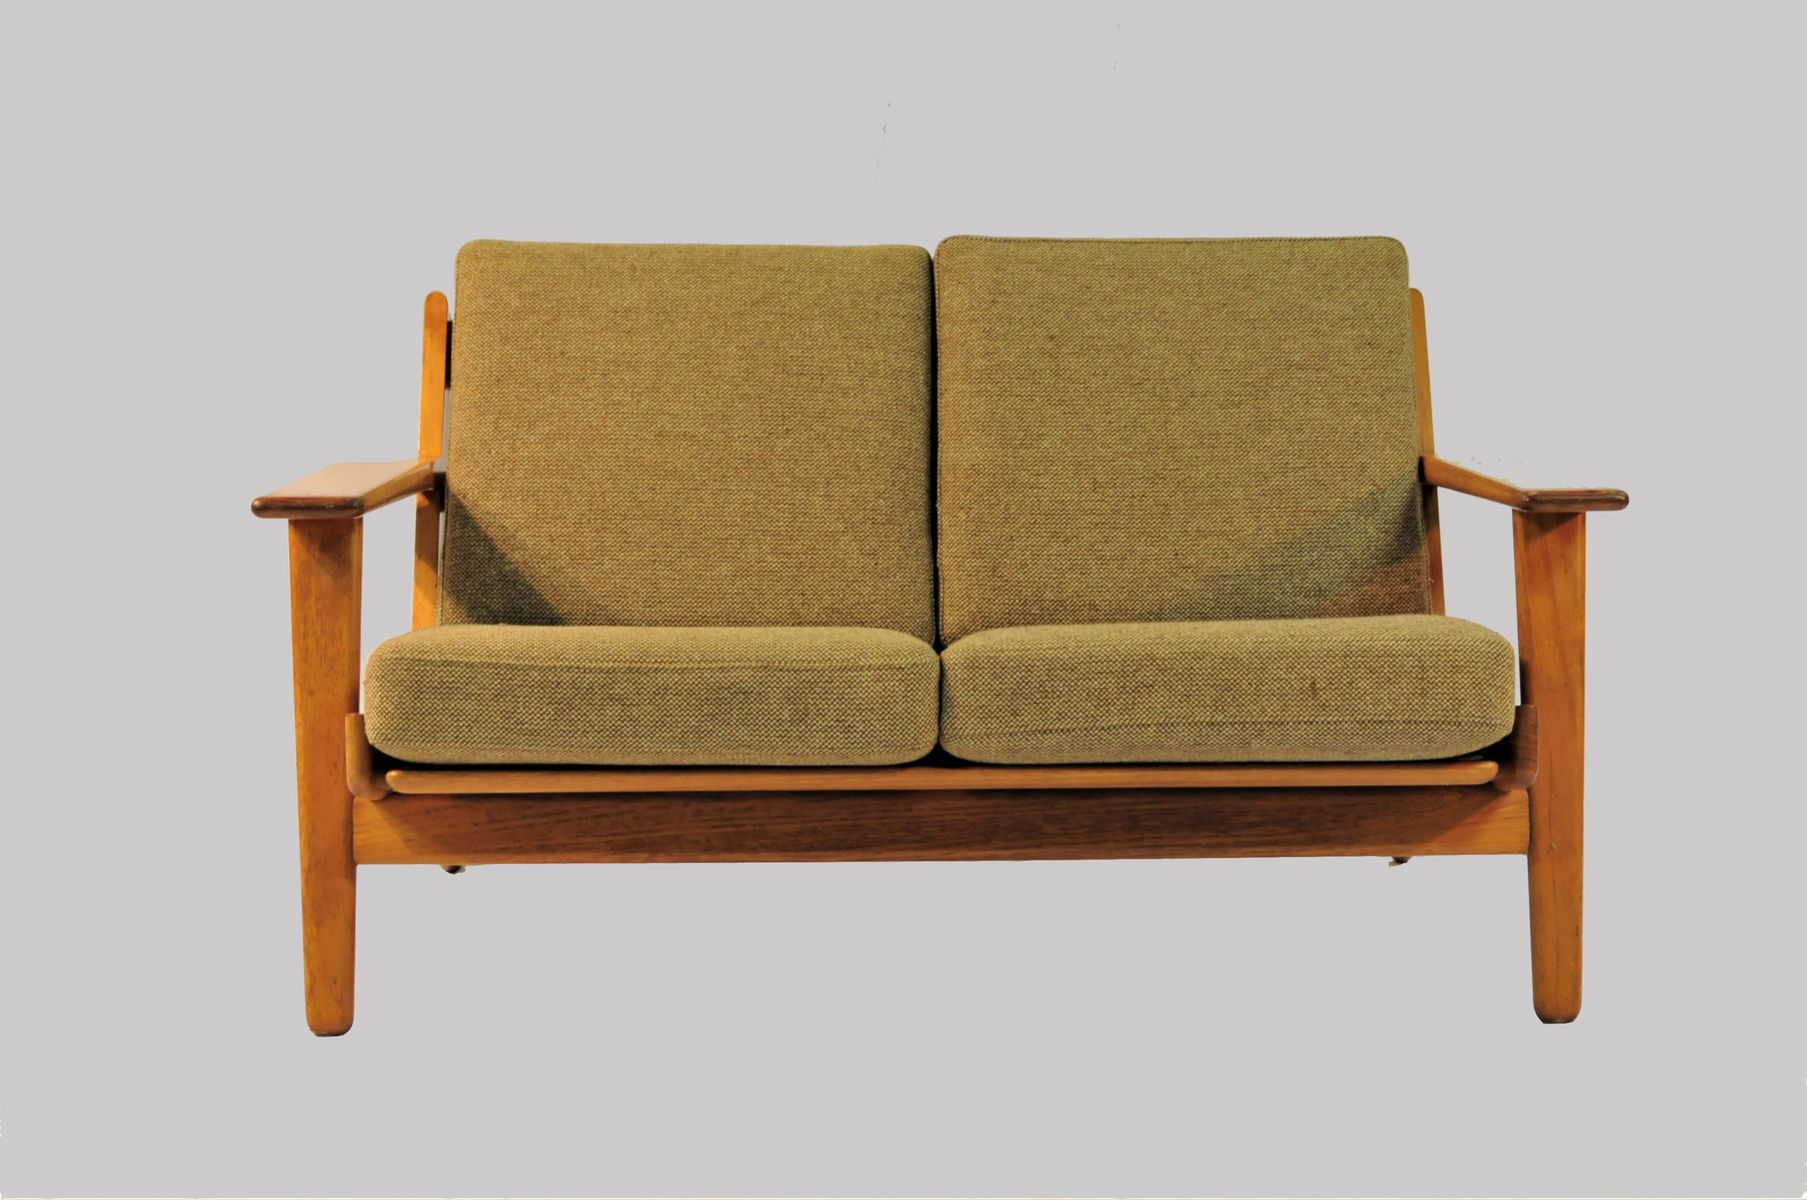 model ge 290 2 sofa by hans j wegner for getama 1950s for sale at pamono. Black Bedroom Furniture Sets. Home Design Ideas